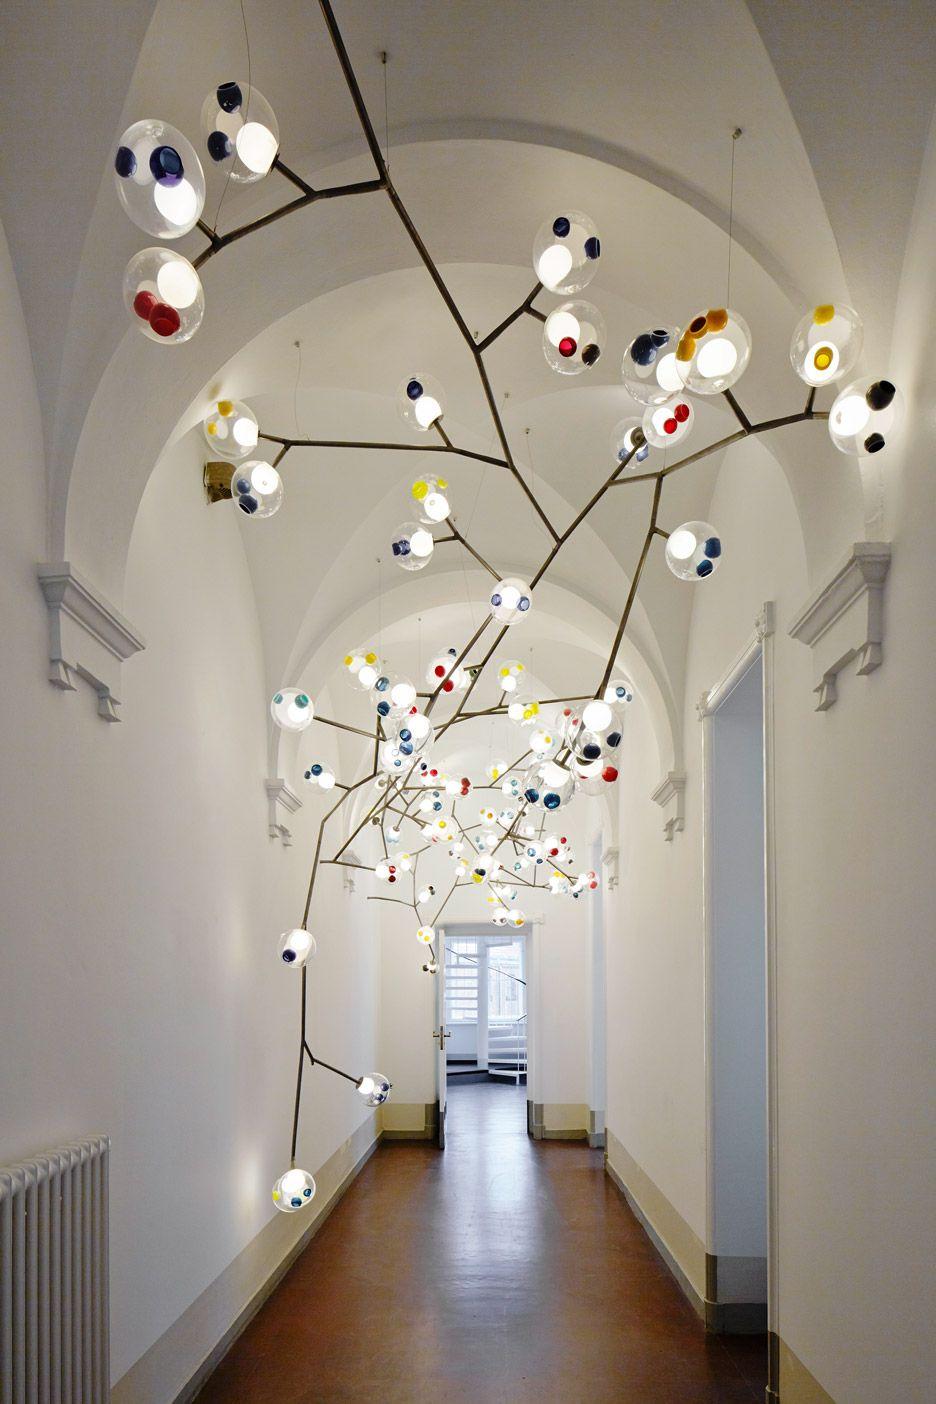 Schmitz Leuchten ATOLL   Wall ceiling lights, Ceiling